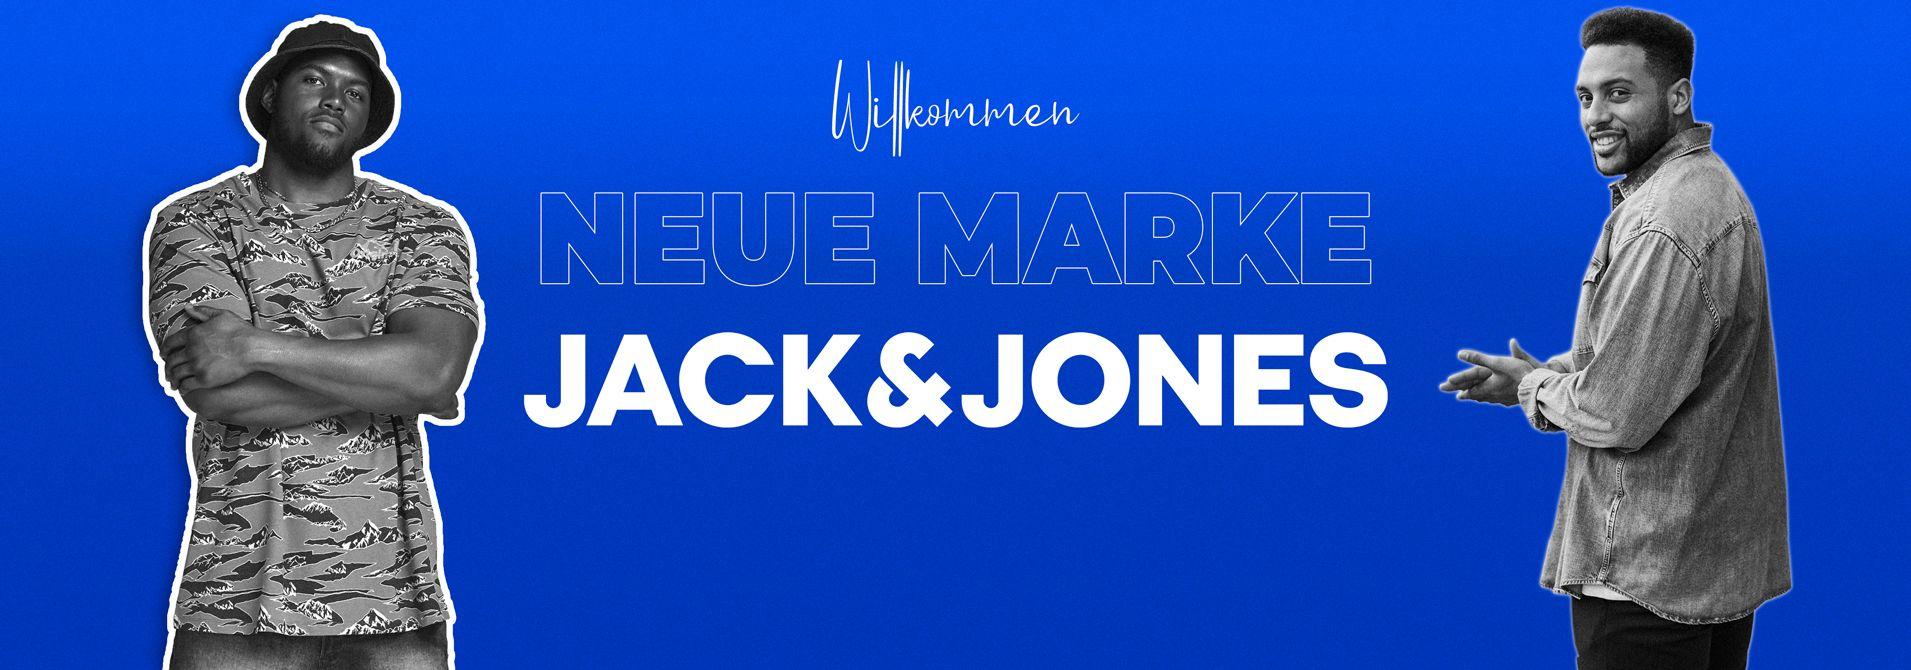 Jack & Jones Plus Size Collection